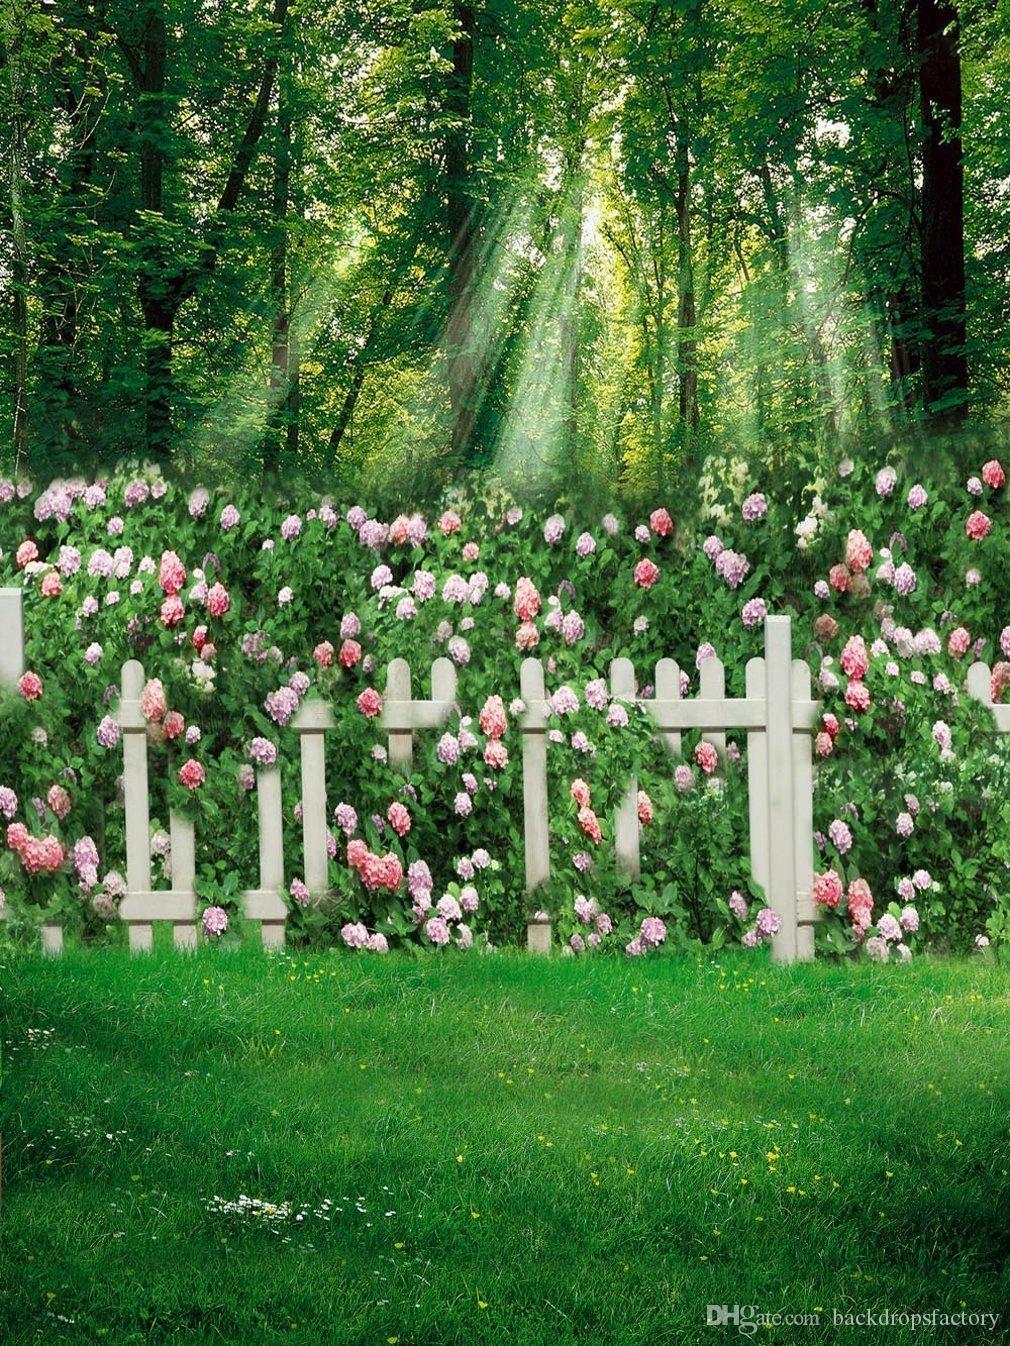 Acquista Sfondo Di Fiori Di Primavera Giardino Sfondo Di Prati Verdi